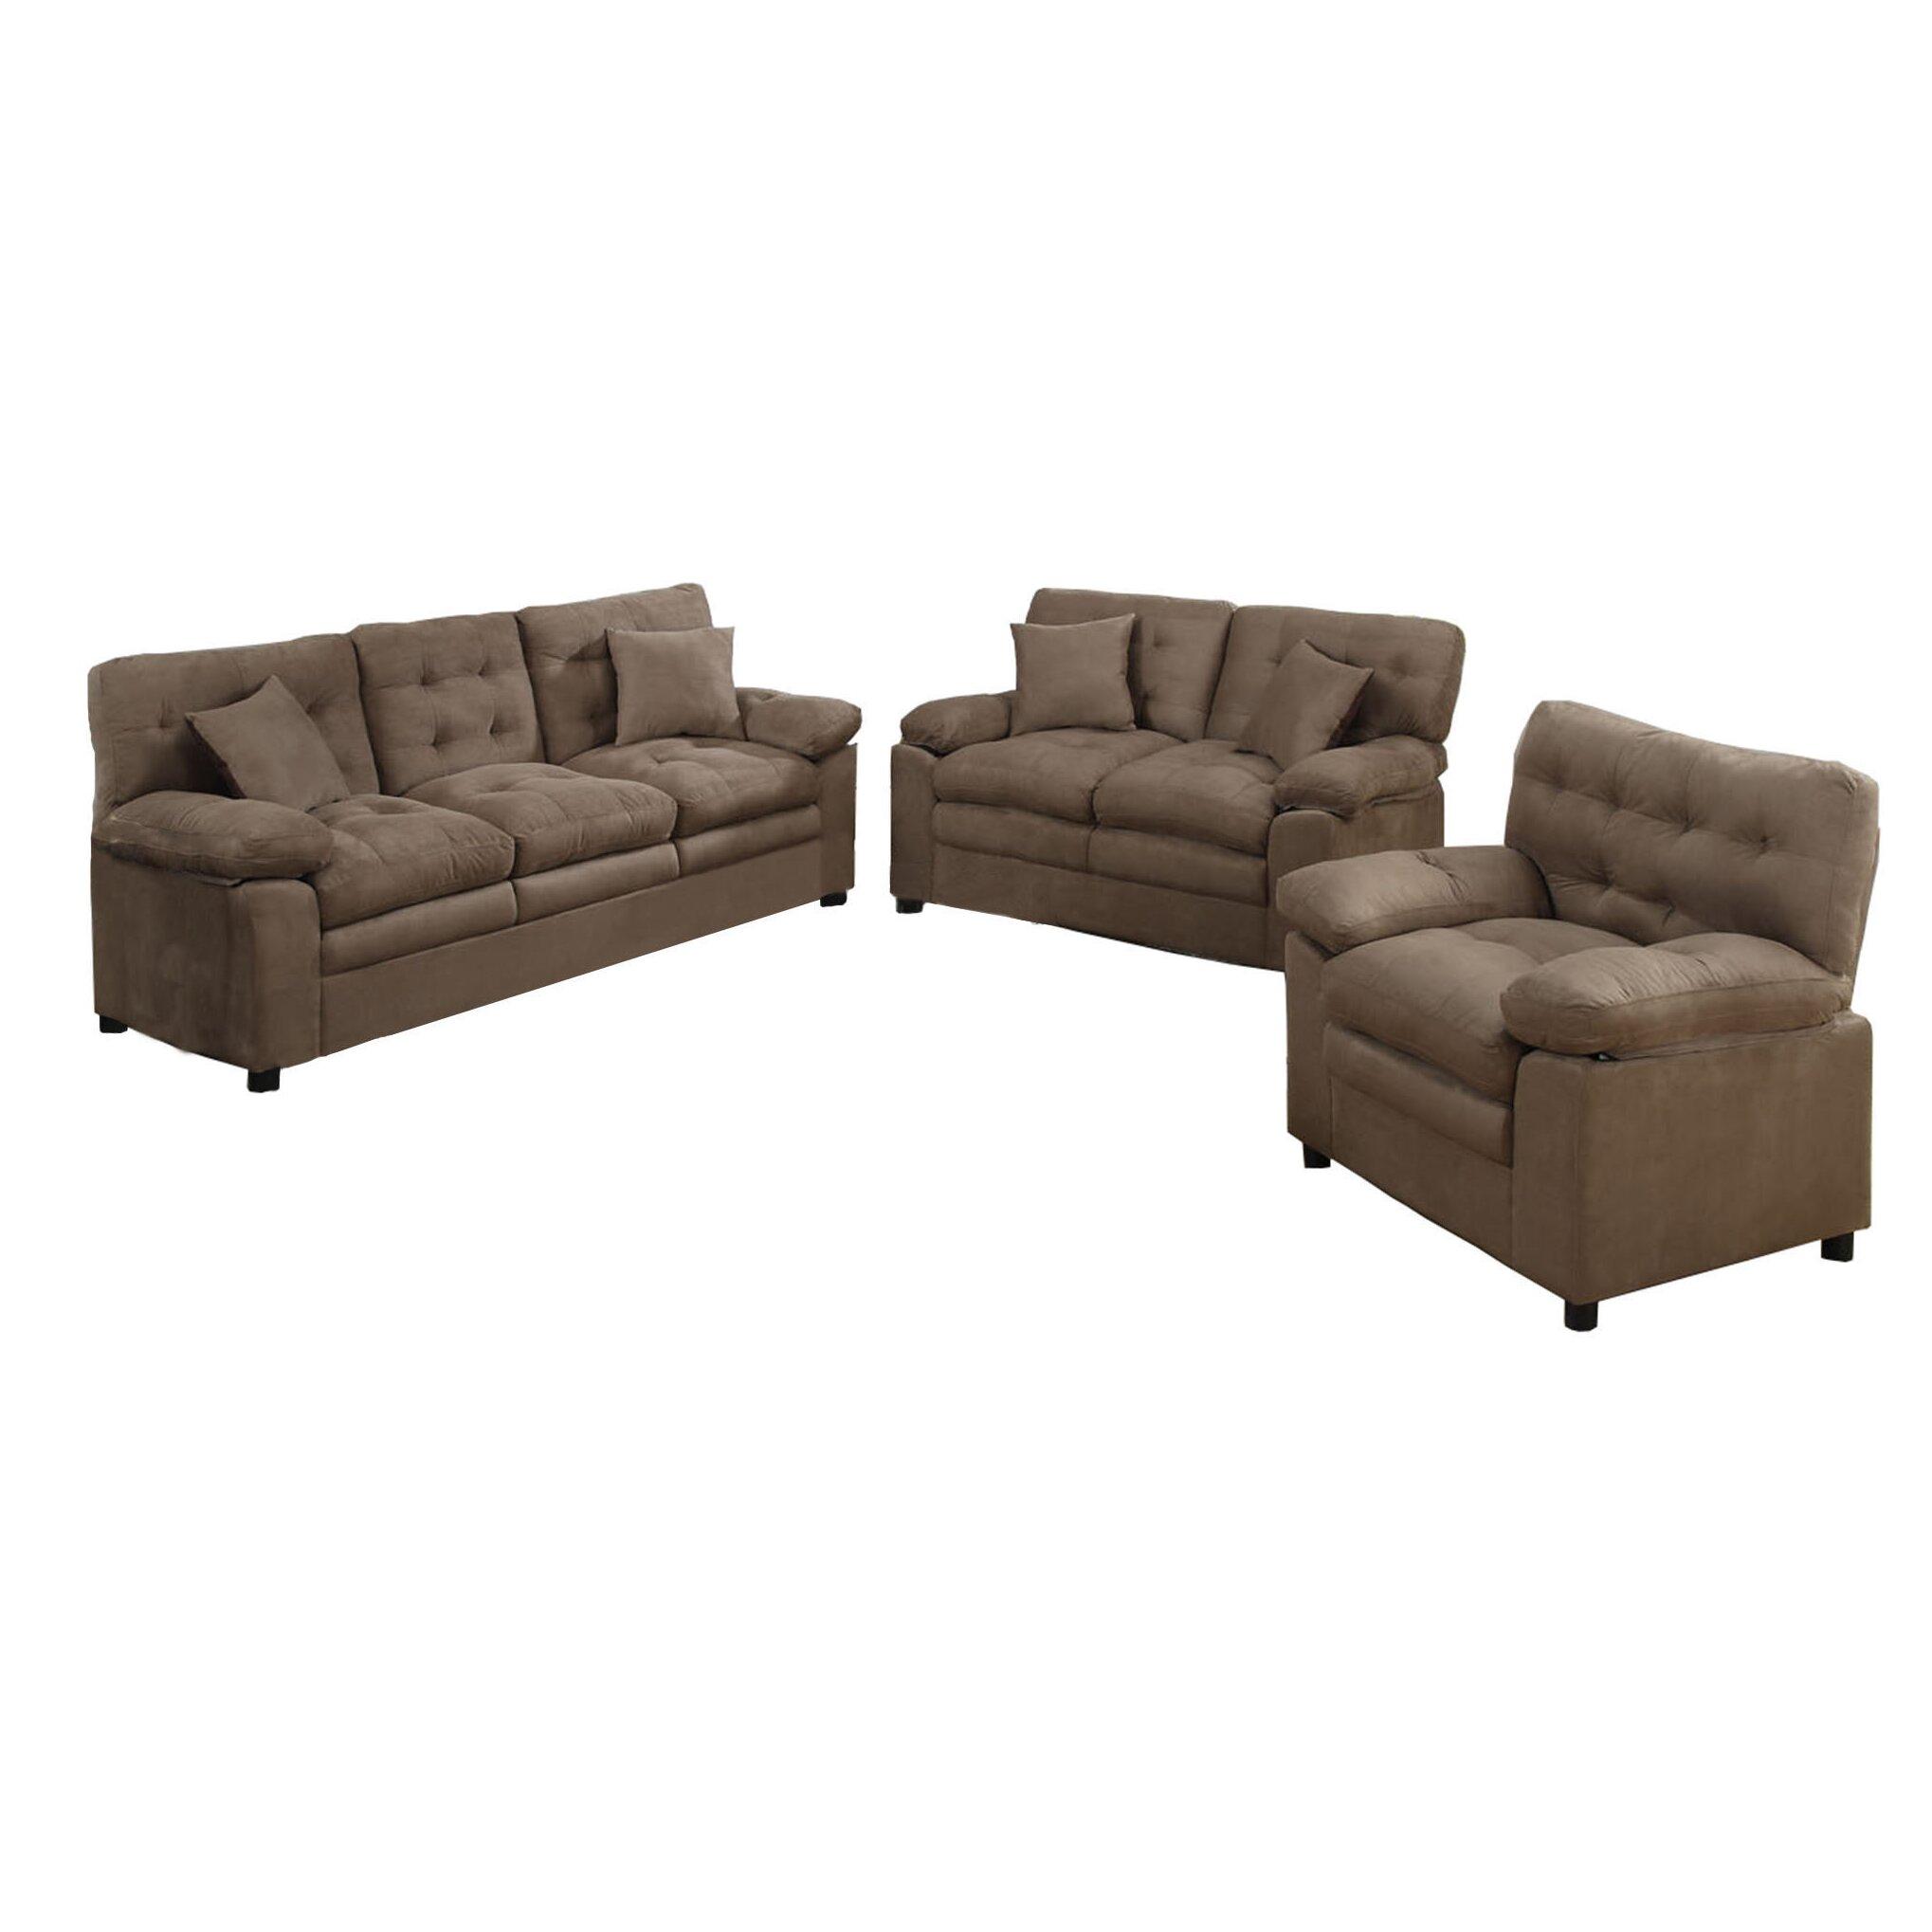 Poundex Bobkona Colona 3 Piece Living Room Set Amp Reviews